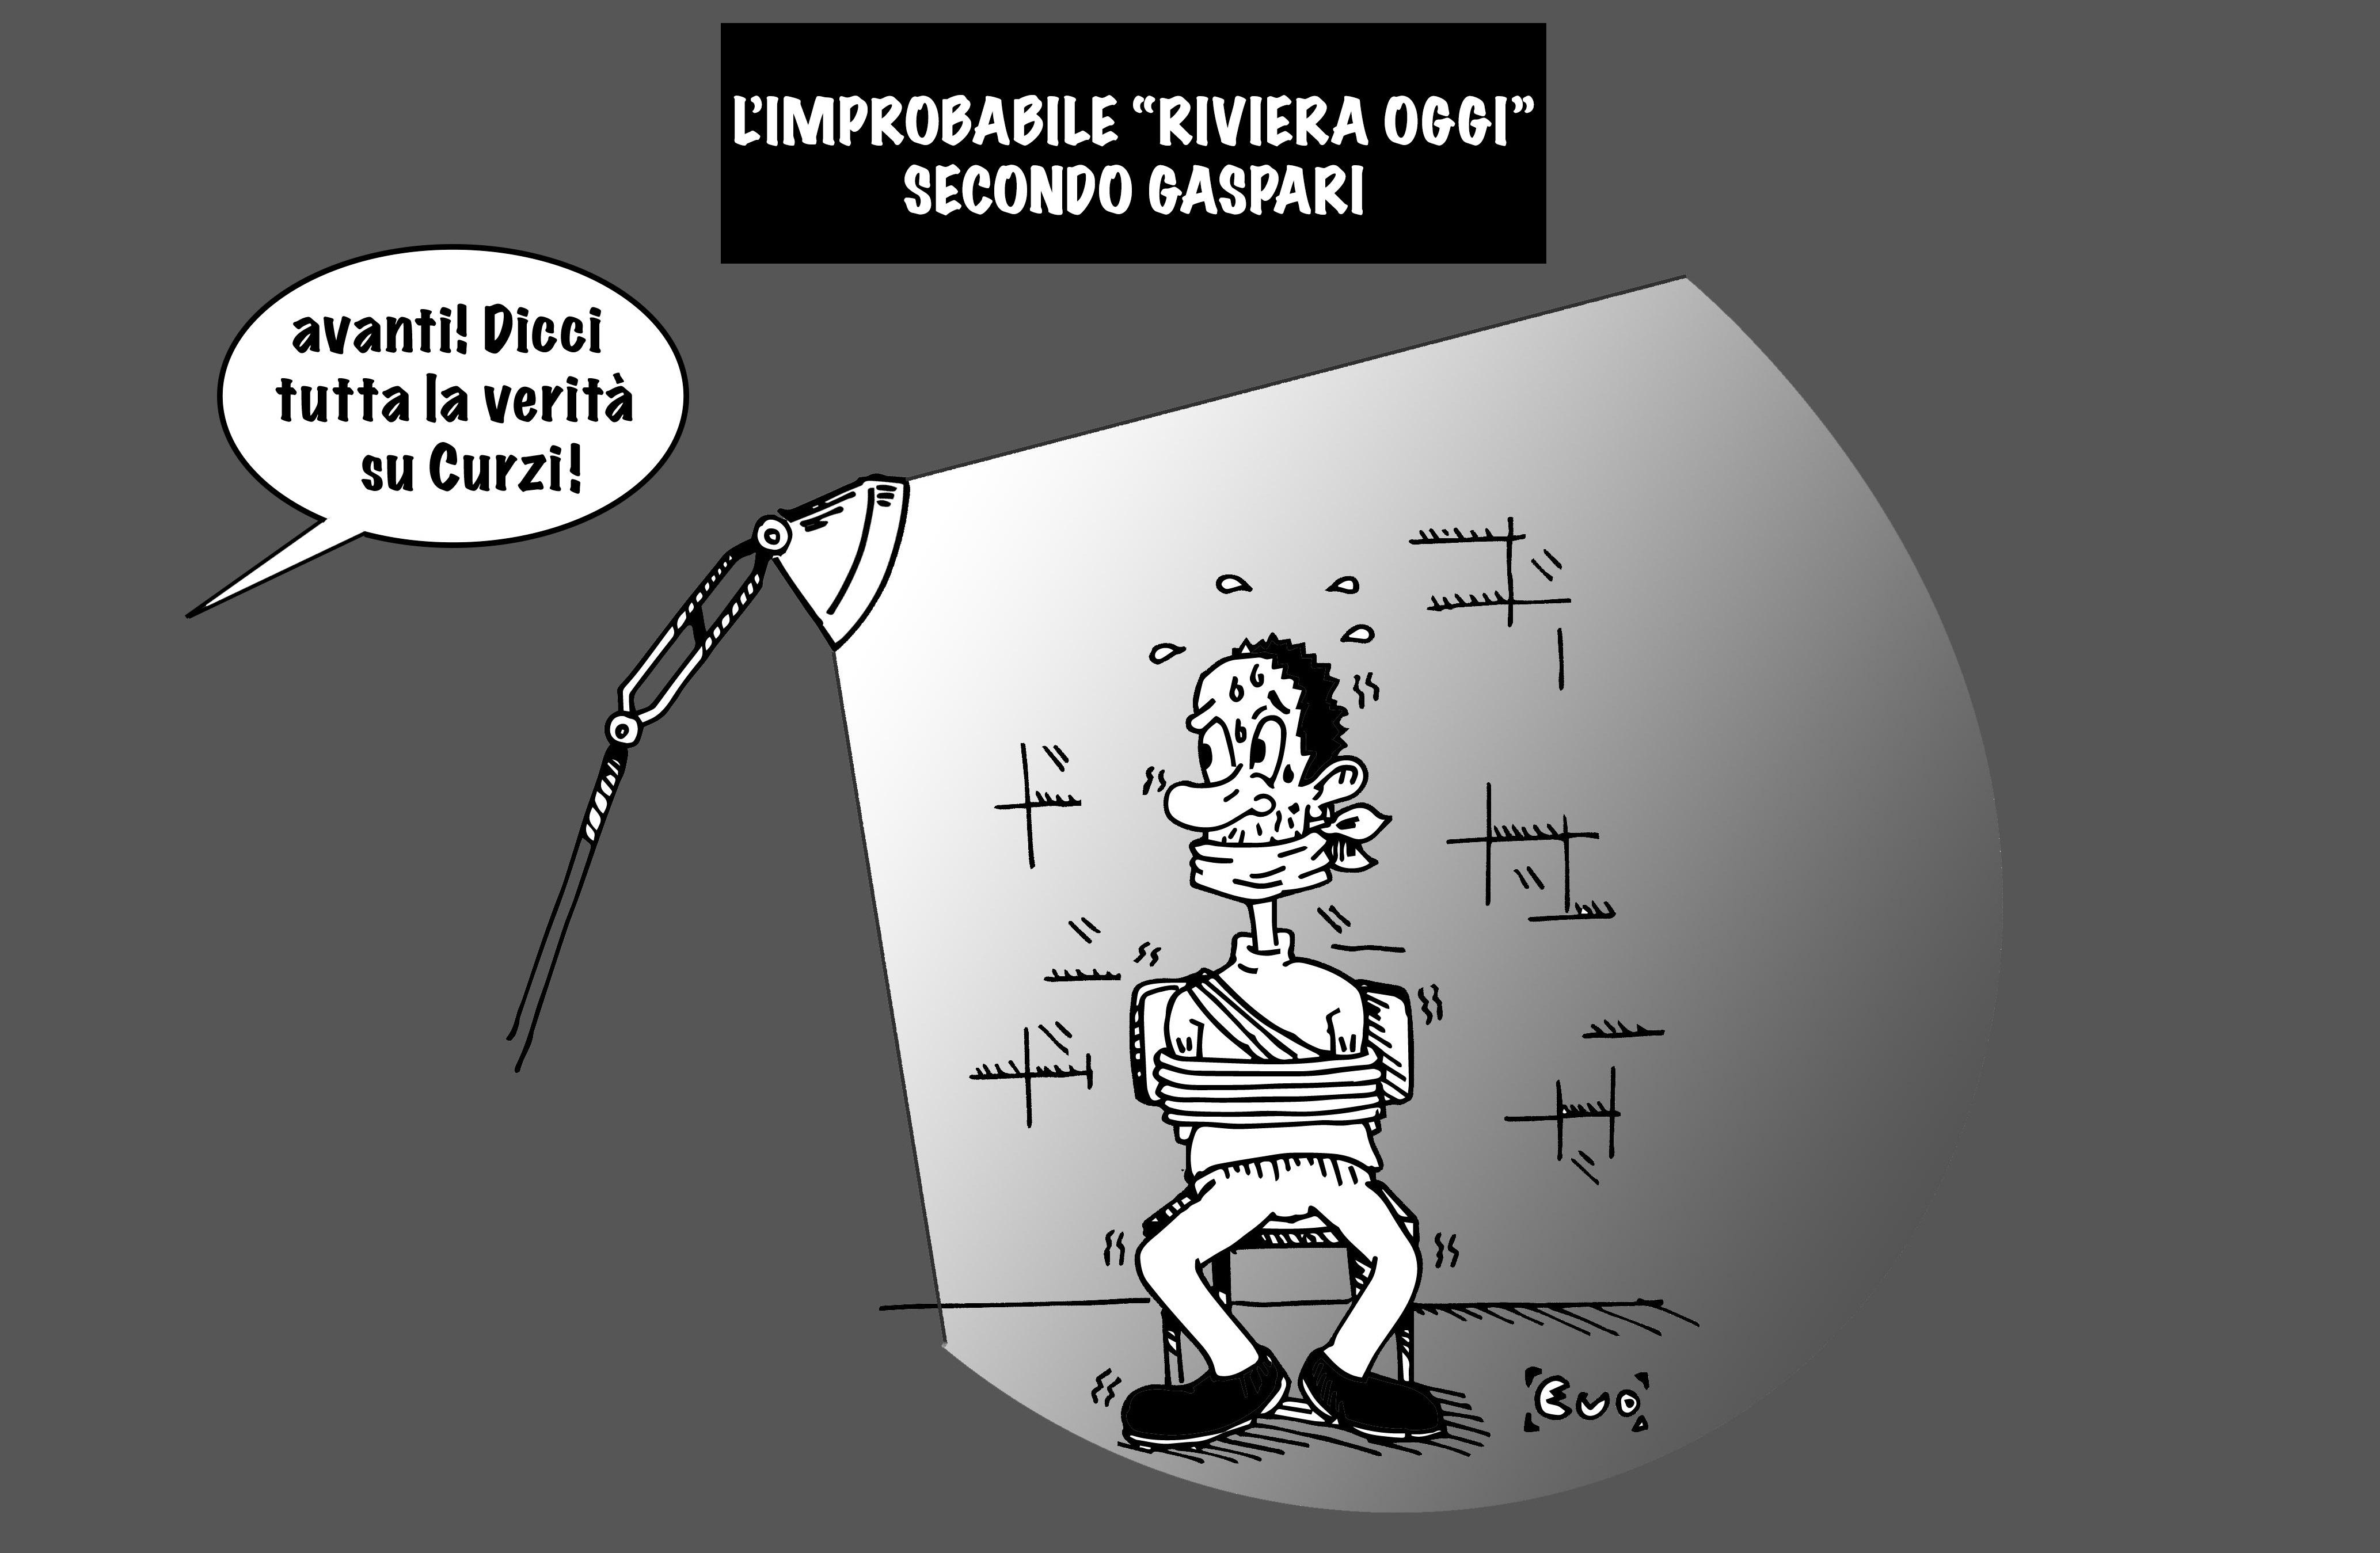 L'improbabile Riviera Oggi col sindaco Gaspari, di Evo